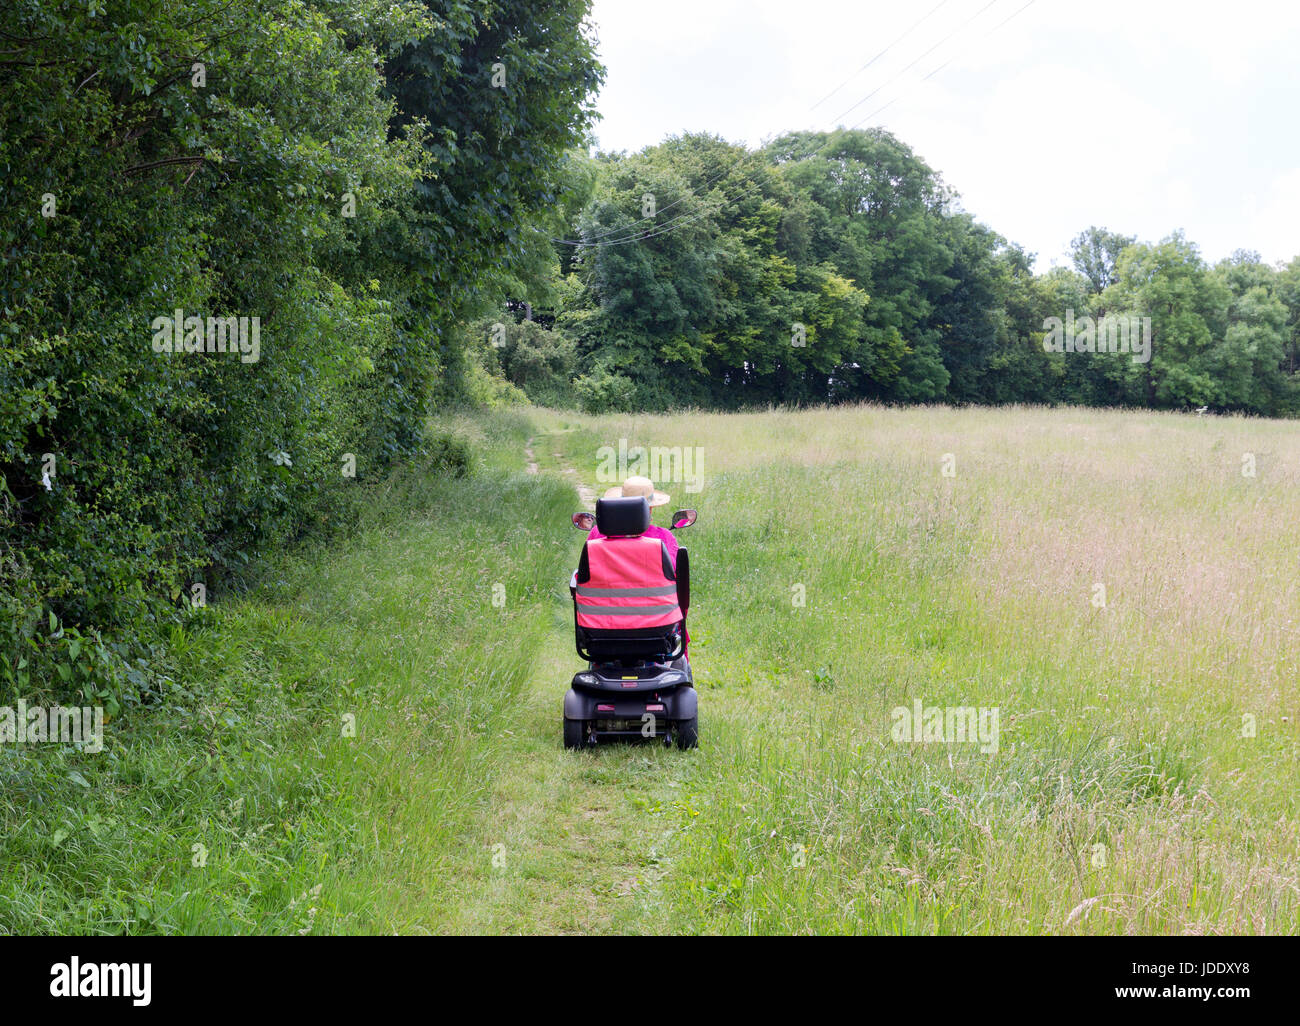 Una donna in sella a una mobilità scooter dando accesso per disabili in campagna, Kent, England Regno Unito Immagini Stock